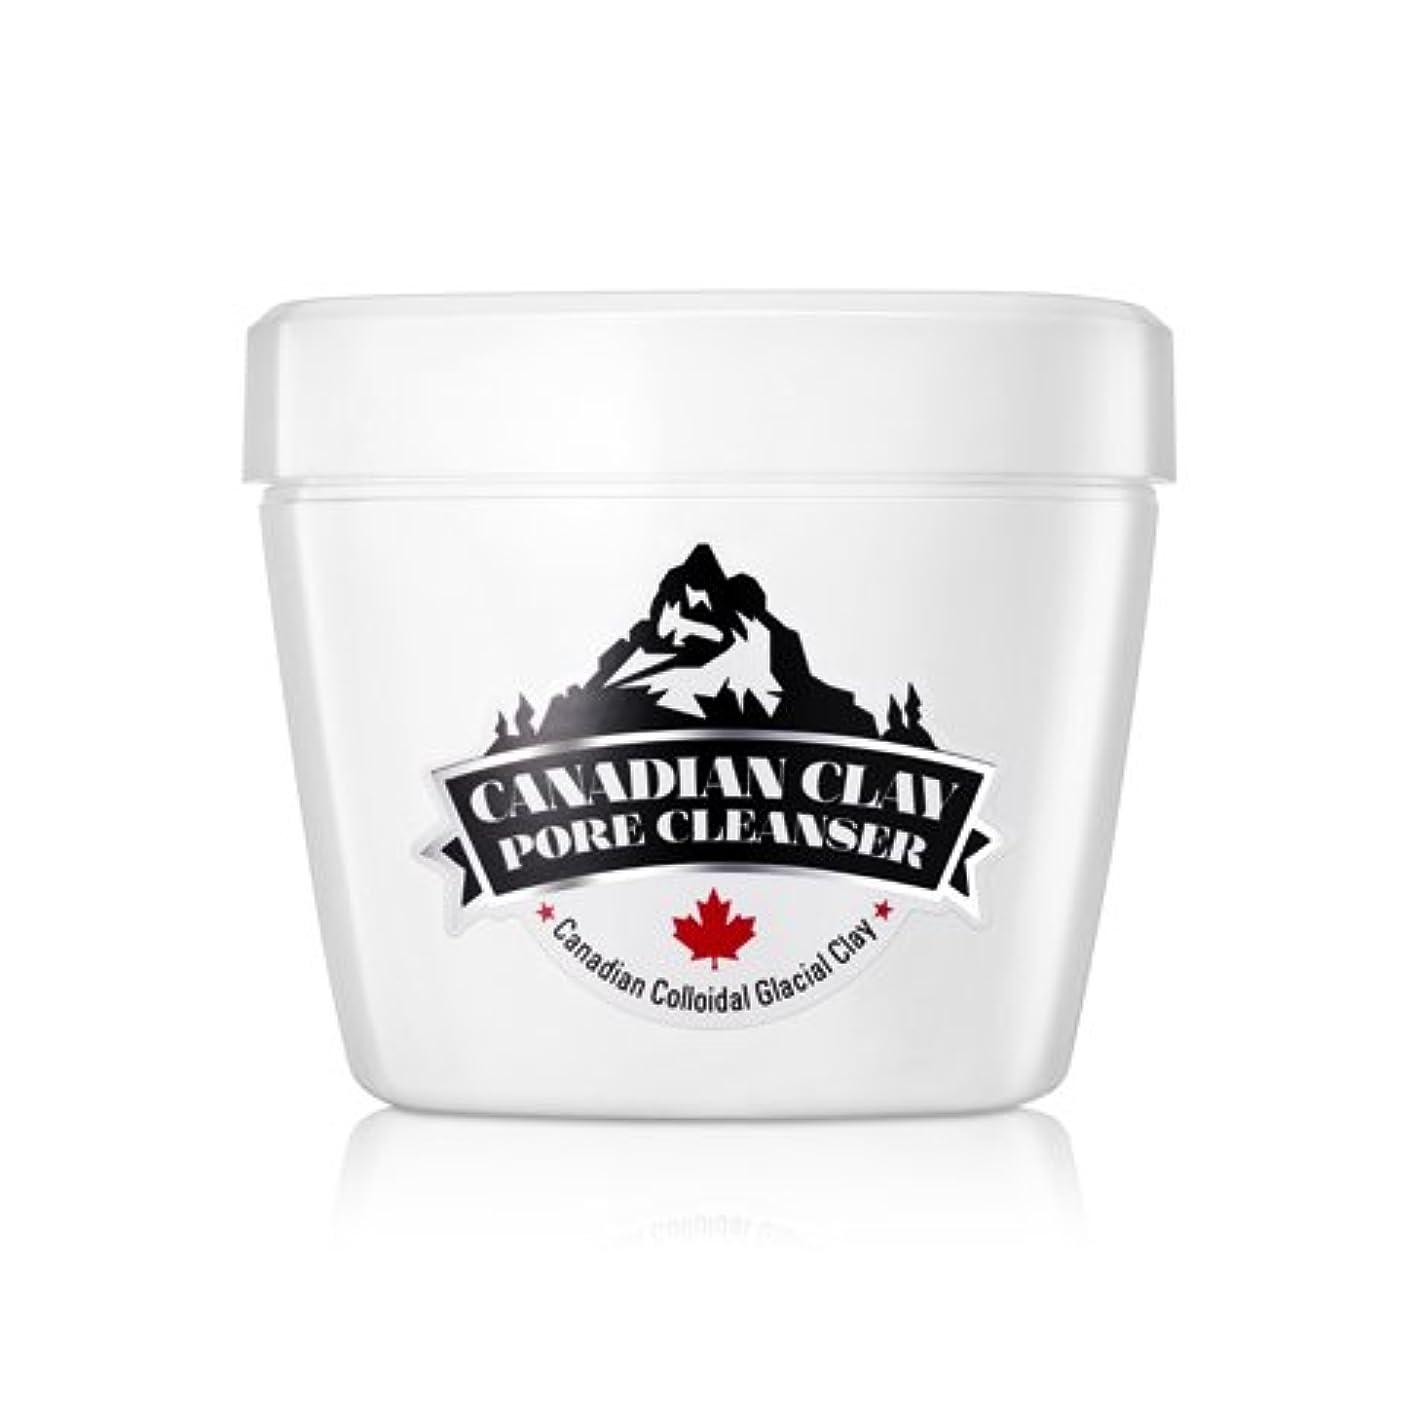 ハブアクションファイルNEOGEN DERMALOGY Canadian Glacial Clay Pore Cleansing Foam 120g / ネオゲンダーマロジーカナダ氷河粘土細孔清浄フォーム120g / NEOGEN DERMALOGY...